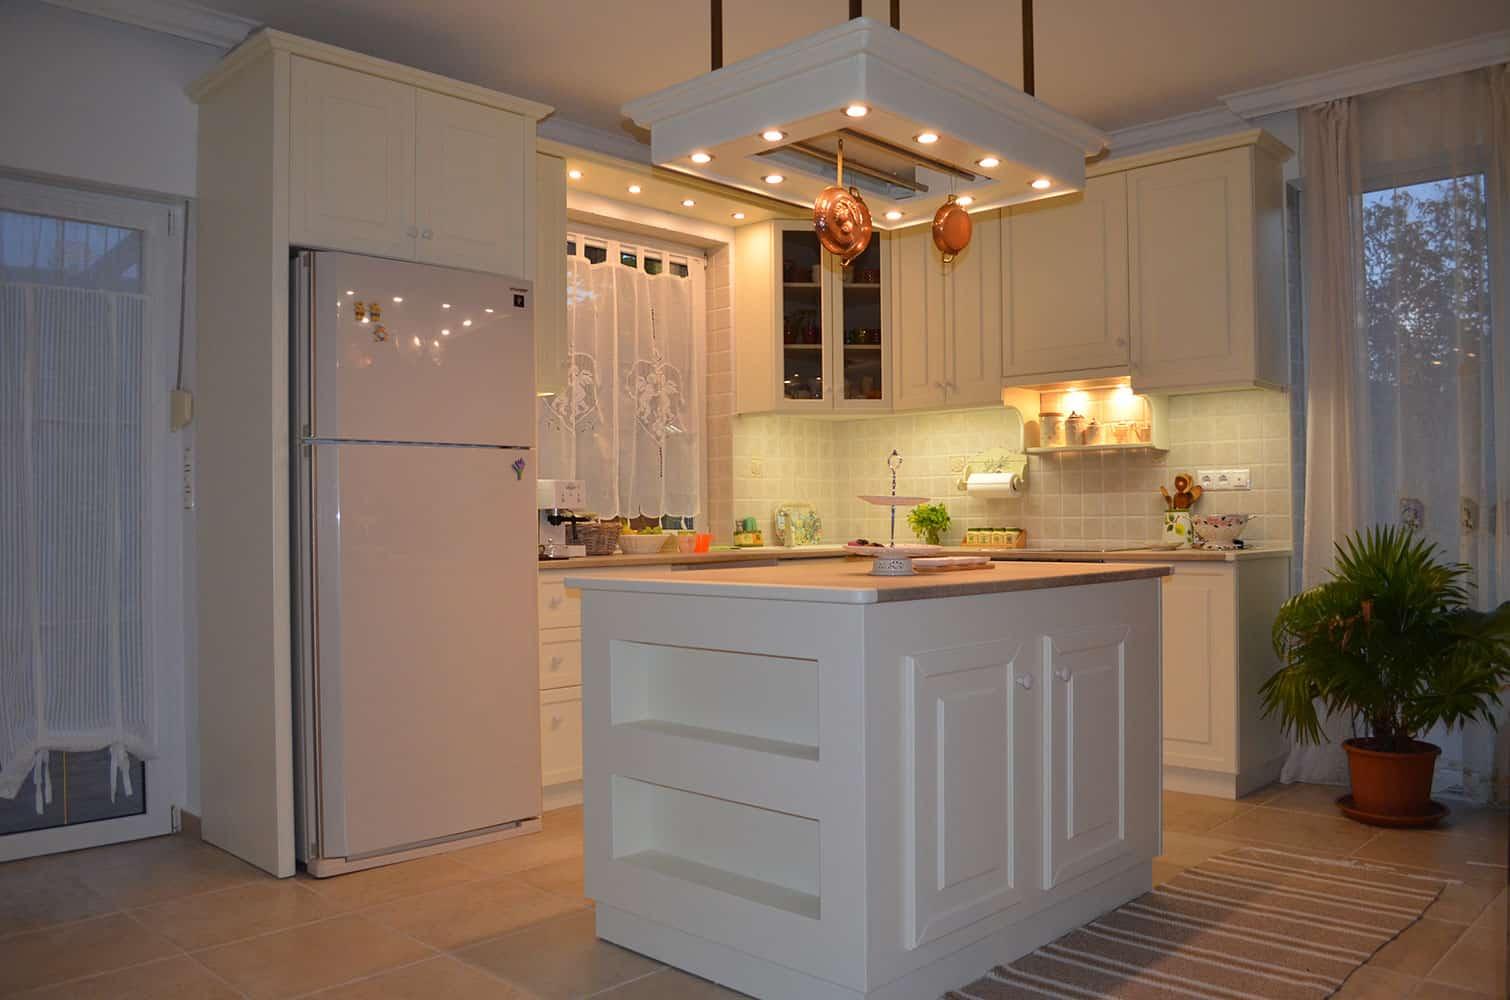 fehér konyhasziget világítással